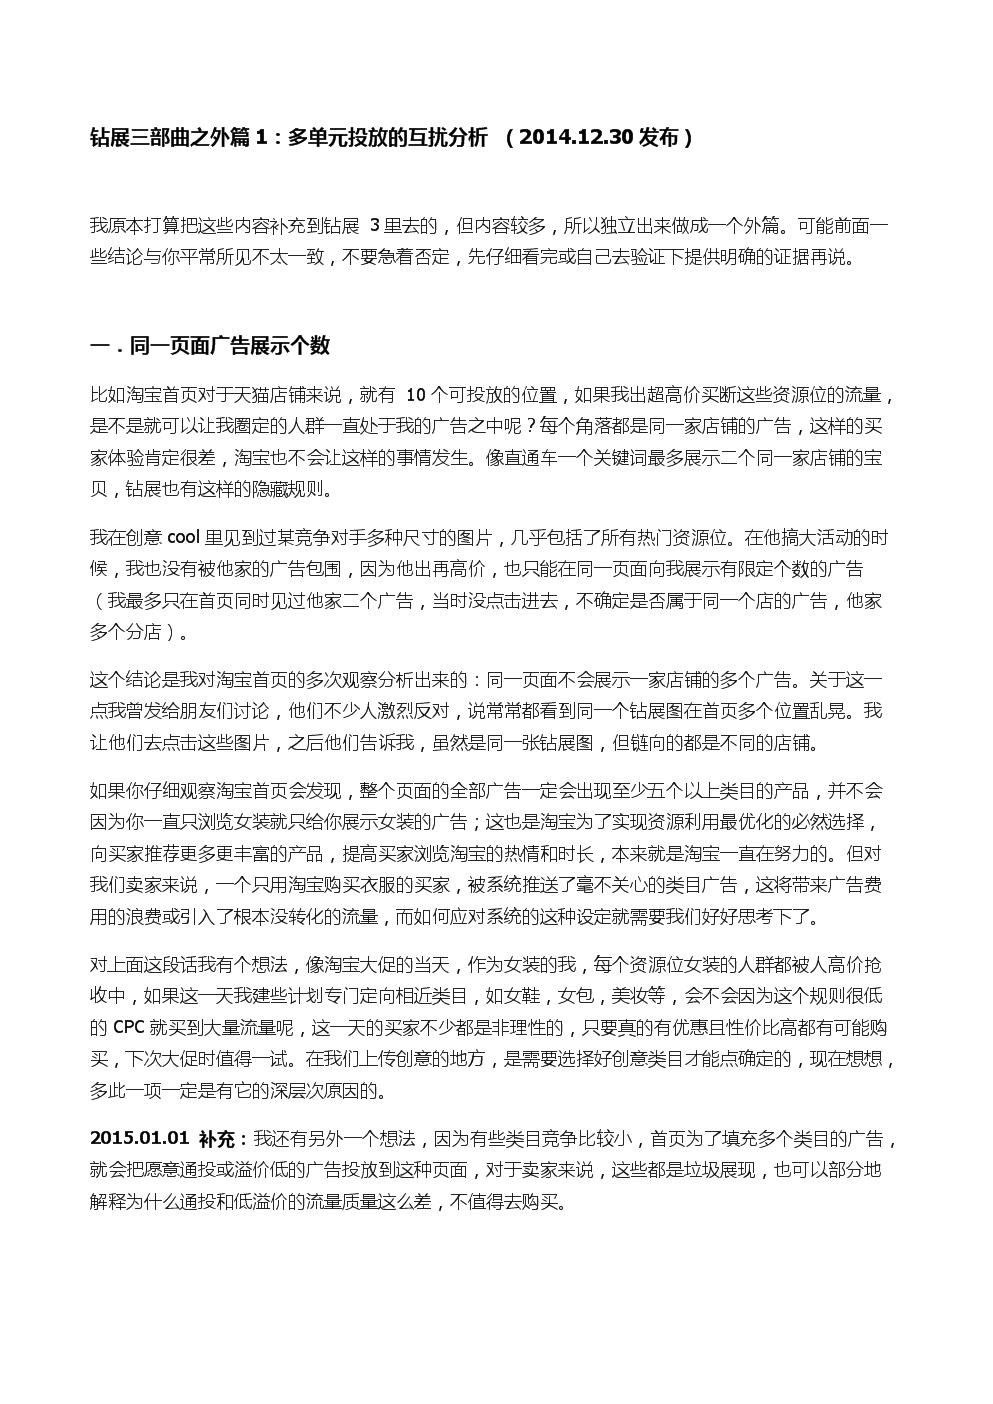 04.钻展三部曲之外篇1:多单元投放的互扰分析 by 叫我xh.docx